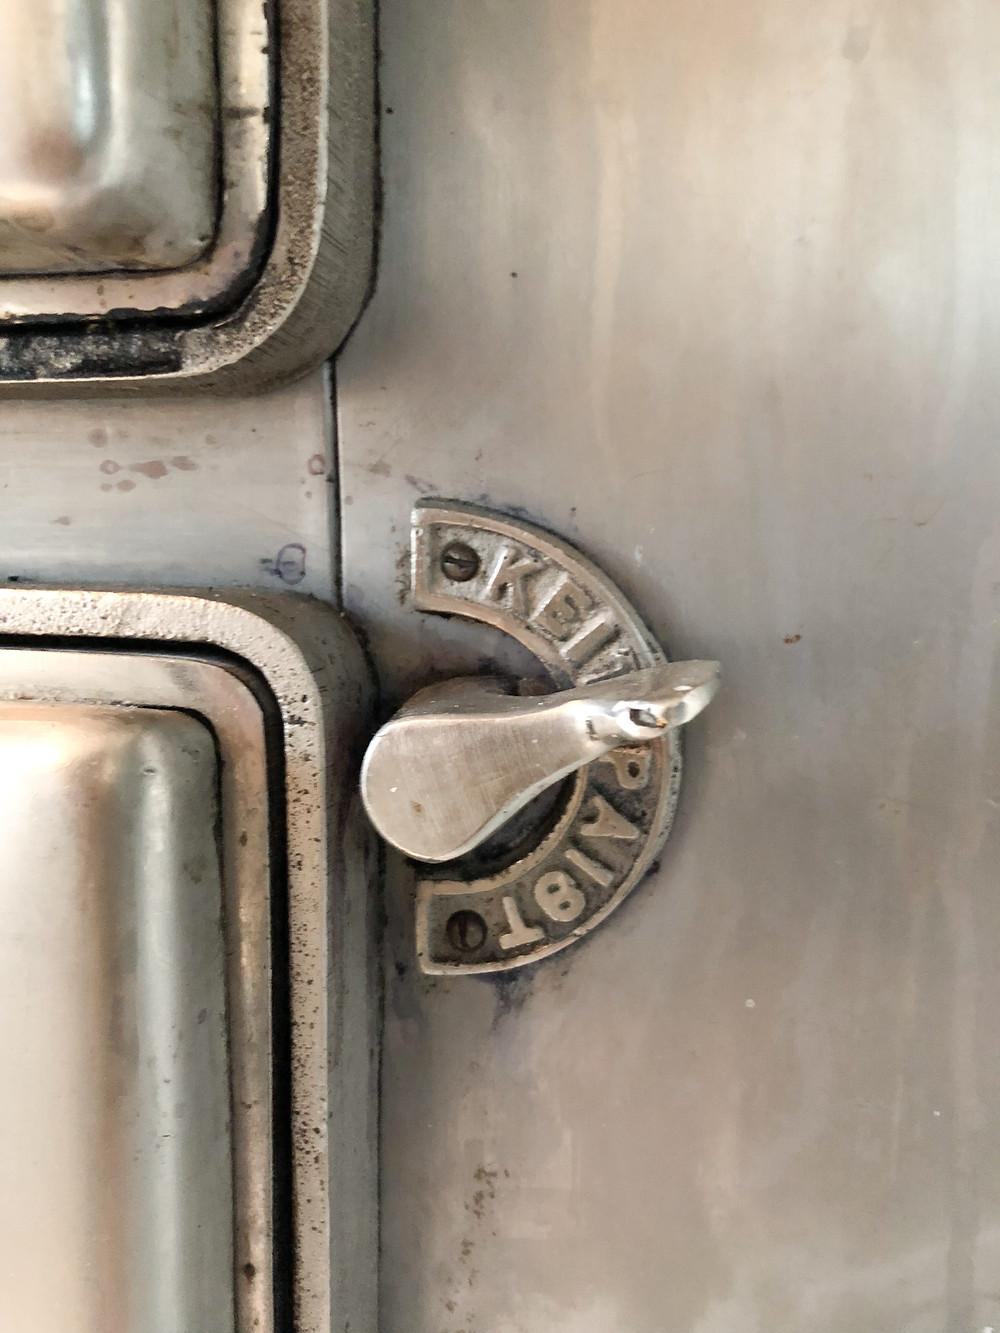 Vanha liesi valmistaja, old stove manufacturer